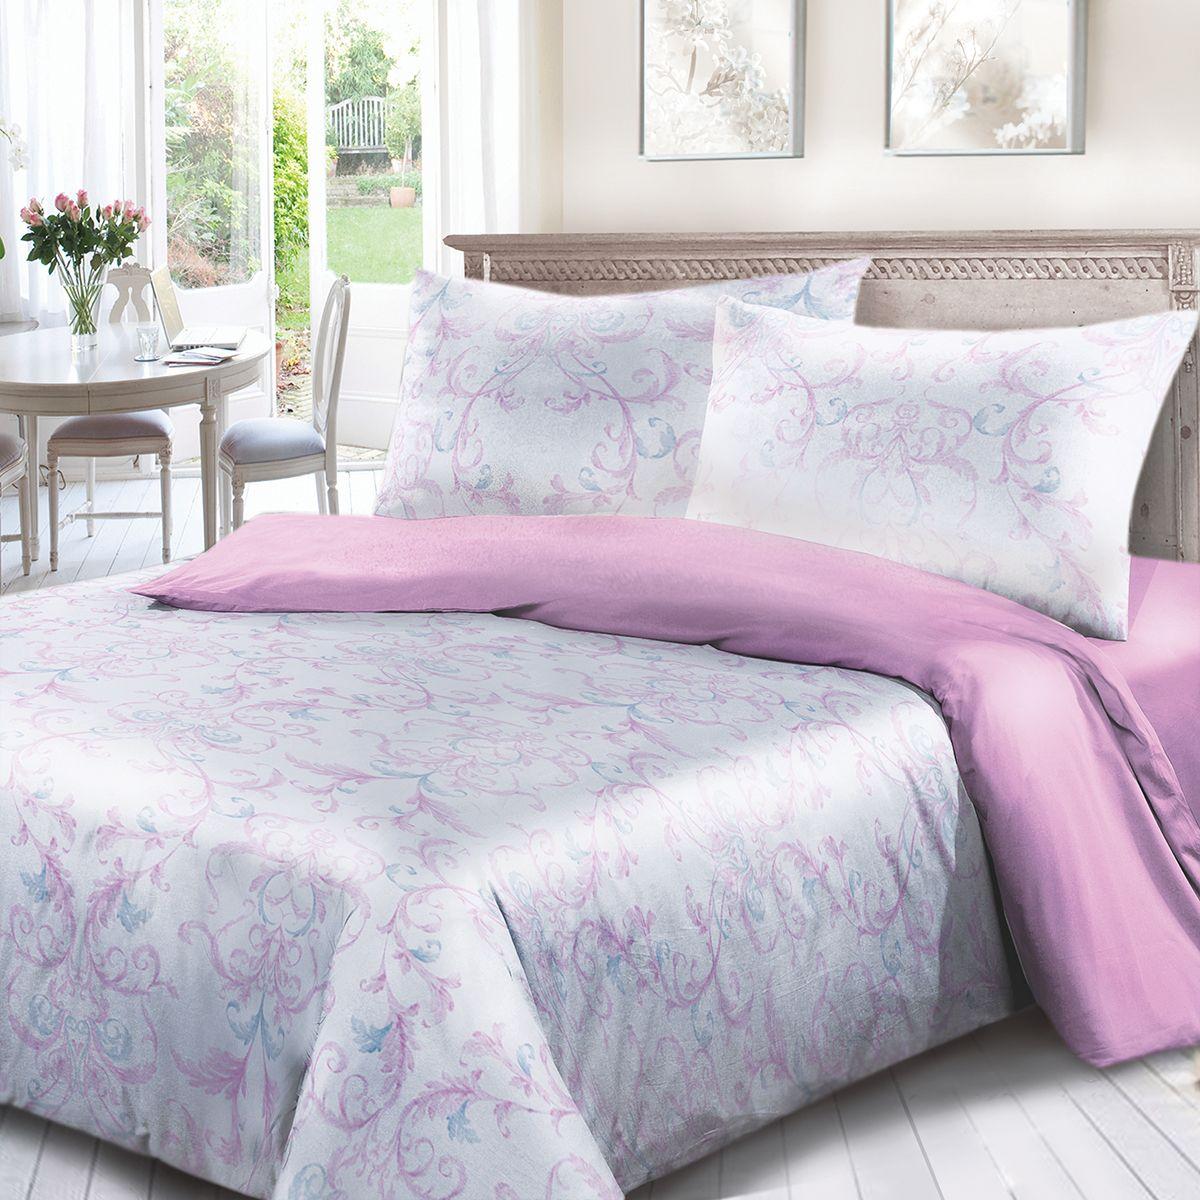 Комплект белья Сорренто Паллацо, 2-х спальное, наволочки 70x70, цвет: сиреневый. 4018-180269